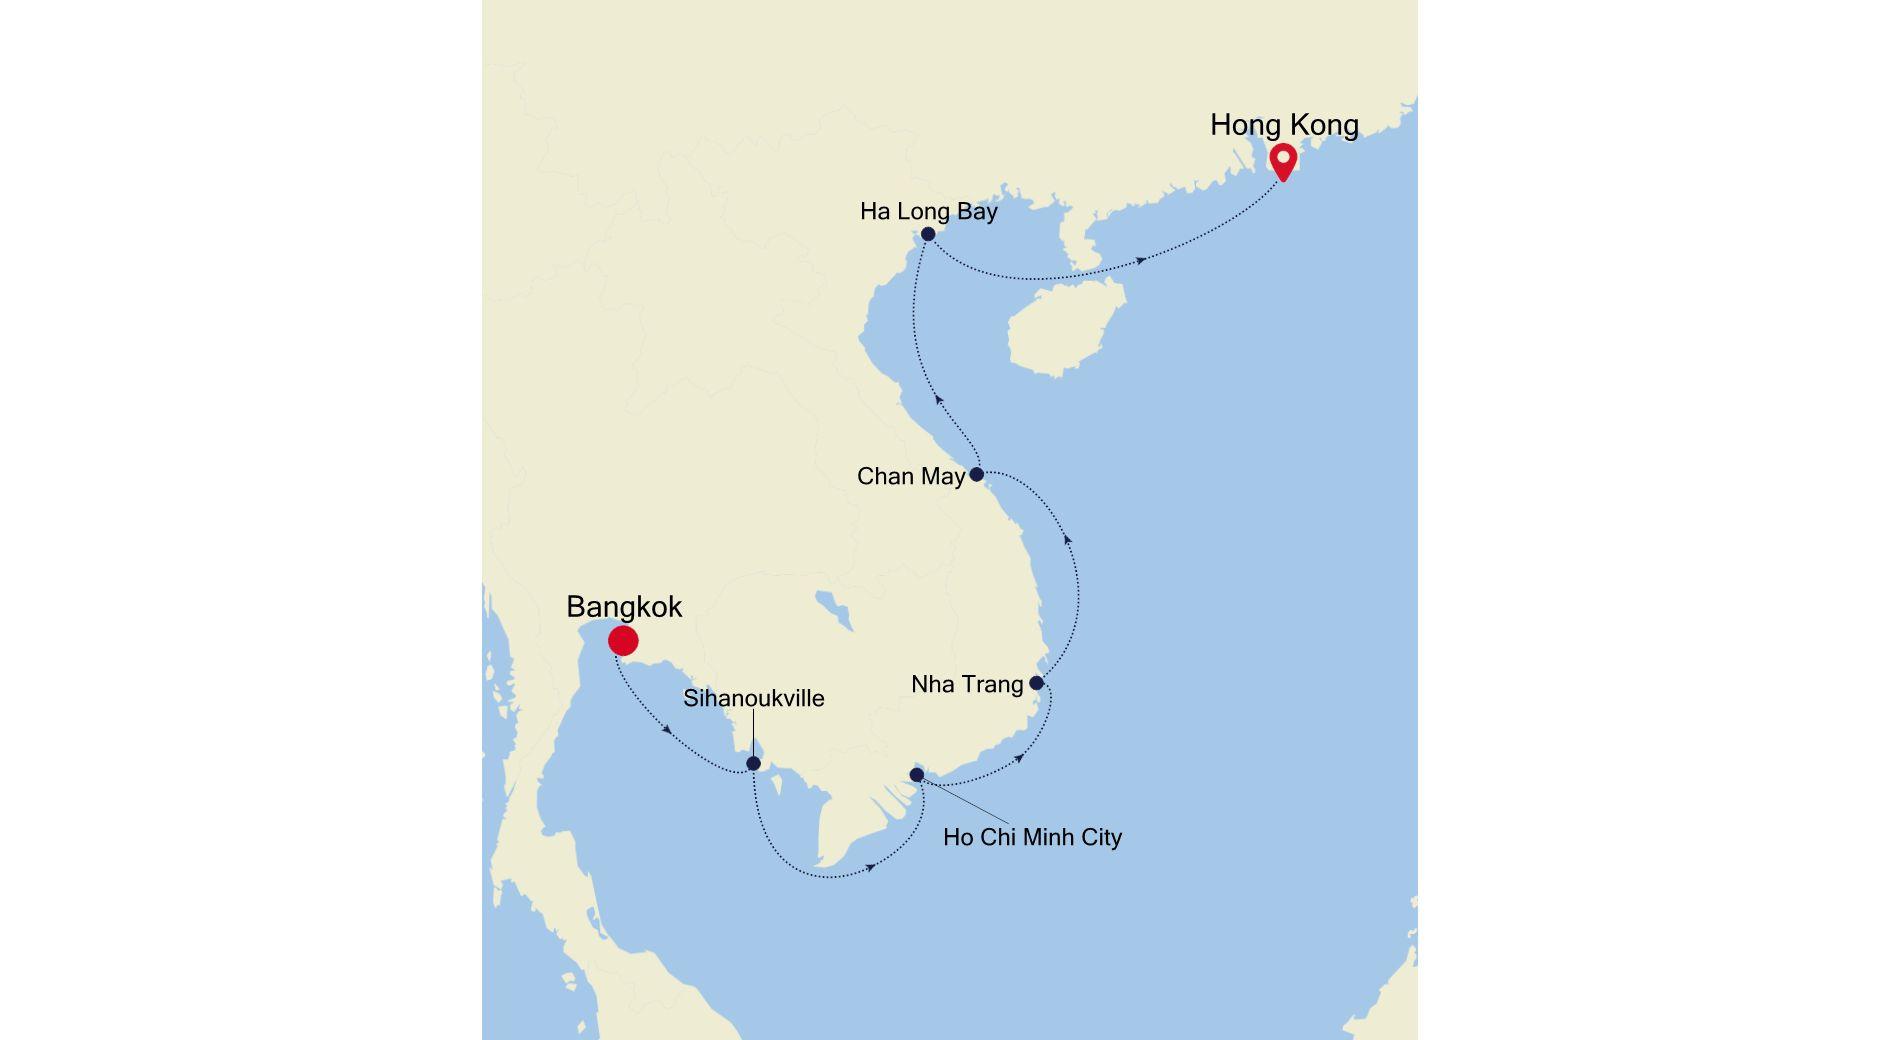 SL201223S12 - Bangkok to Hong Kong